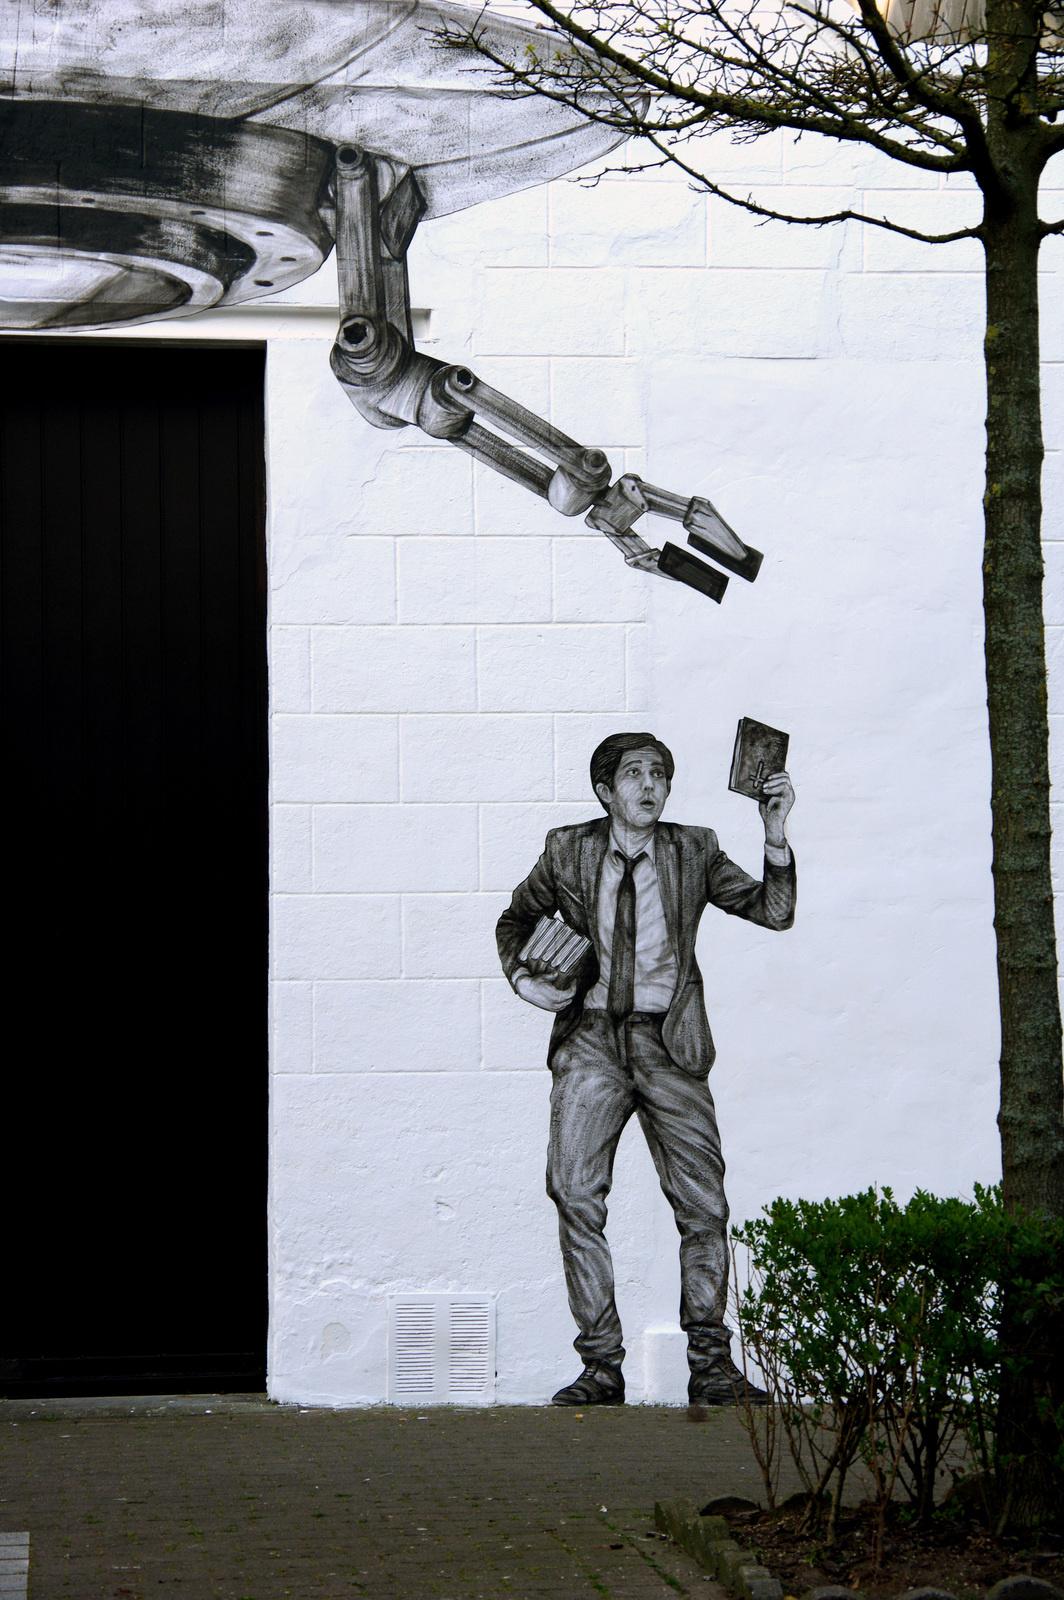 Хрустальный корабль: Левалет в Остенде, Бельгия творчество, Смешной, ранние, посмотретьновые, предлагаю, журнале, первый, нравится, посмотреть, предложил, отвечающем, Художник, нервом, таинственным, своим, почувствовал, подметил, важно, важна, расскажет